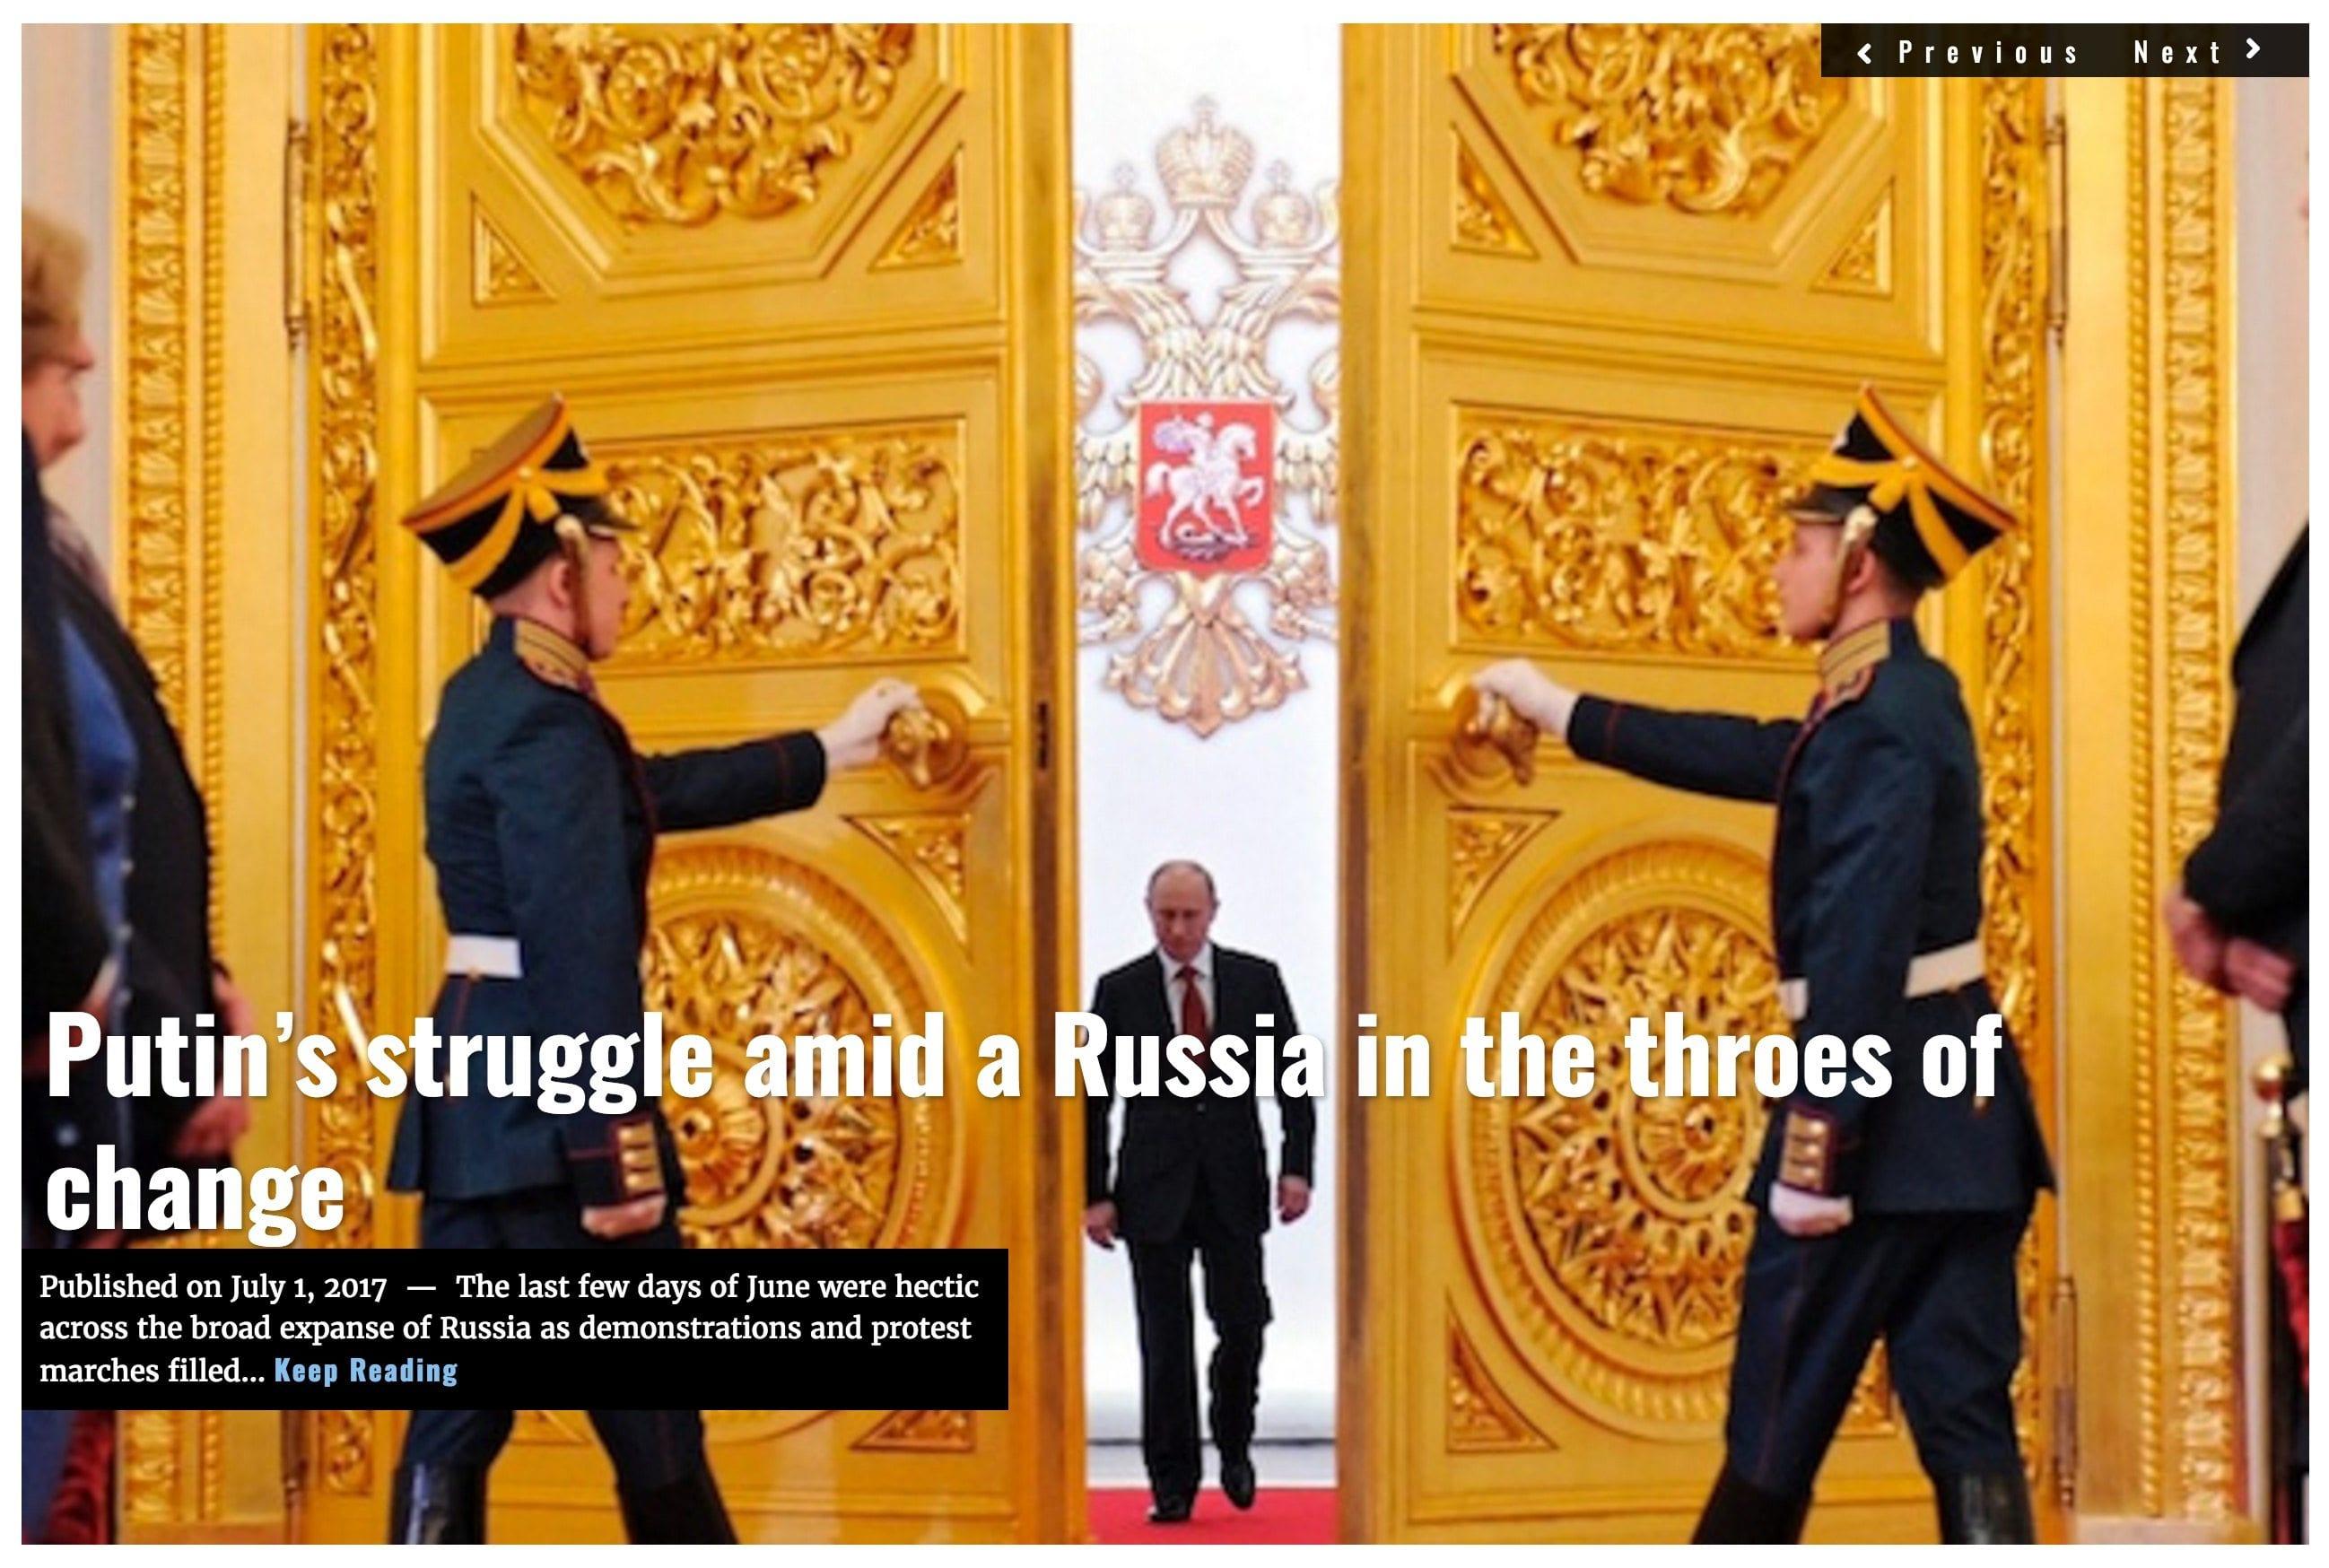 Image Lima Charlie News headline Putin's struggle